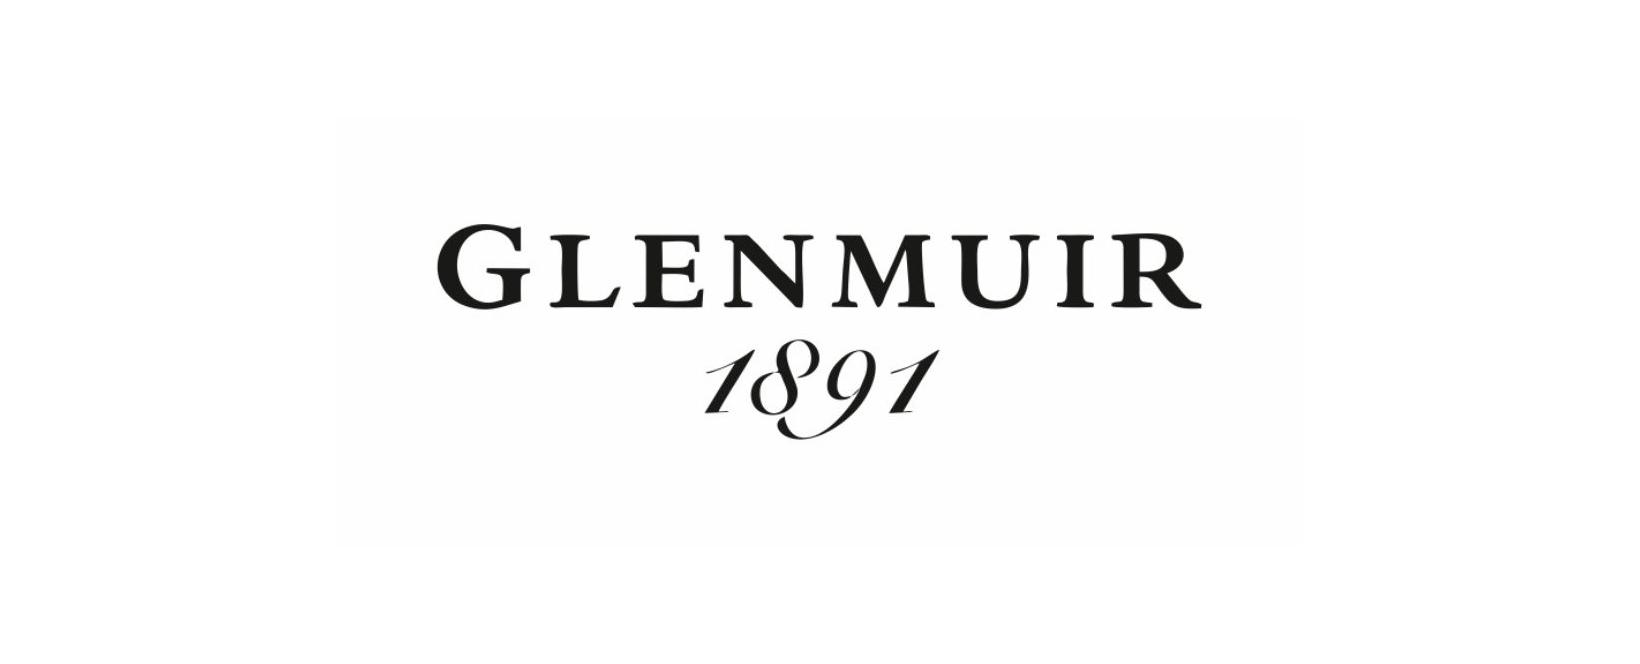 Glenmuir Coupon Code 2021